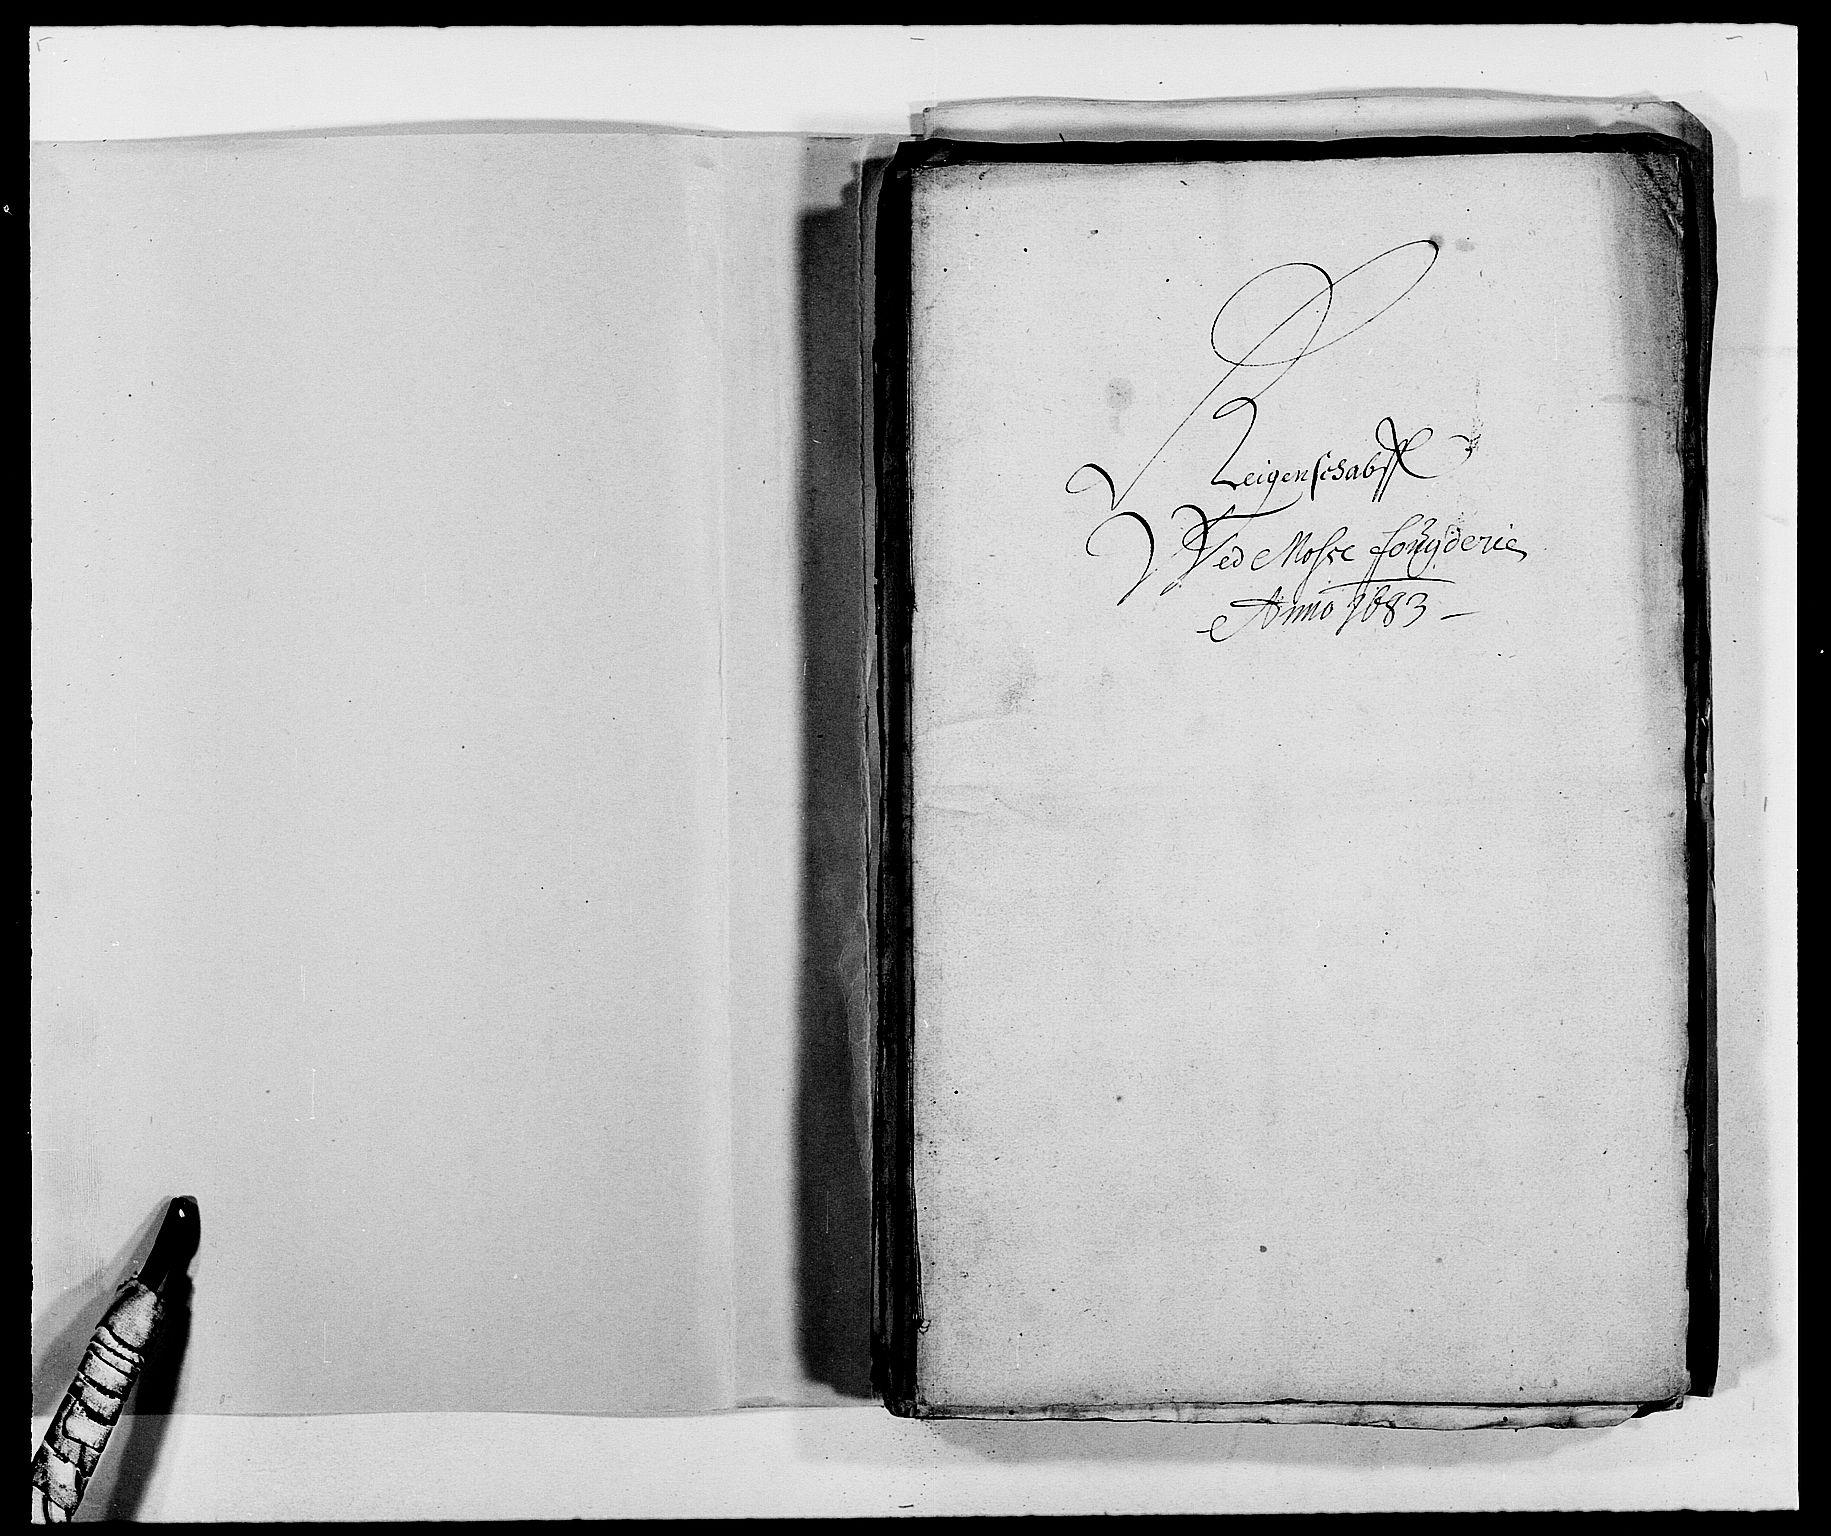 RA, Rentekammeret inntil 1814, Reviderte regnskaper, Fogderegnskap, R02/L0103: Fogderegnskap Moss og Verne kloster, 1682-1684, s. 269